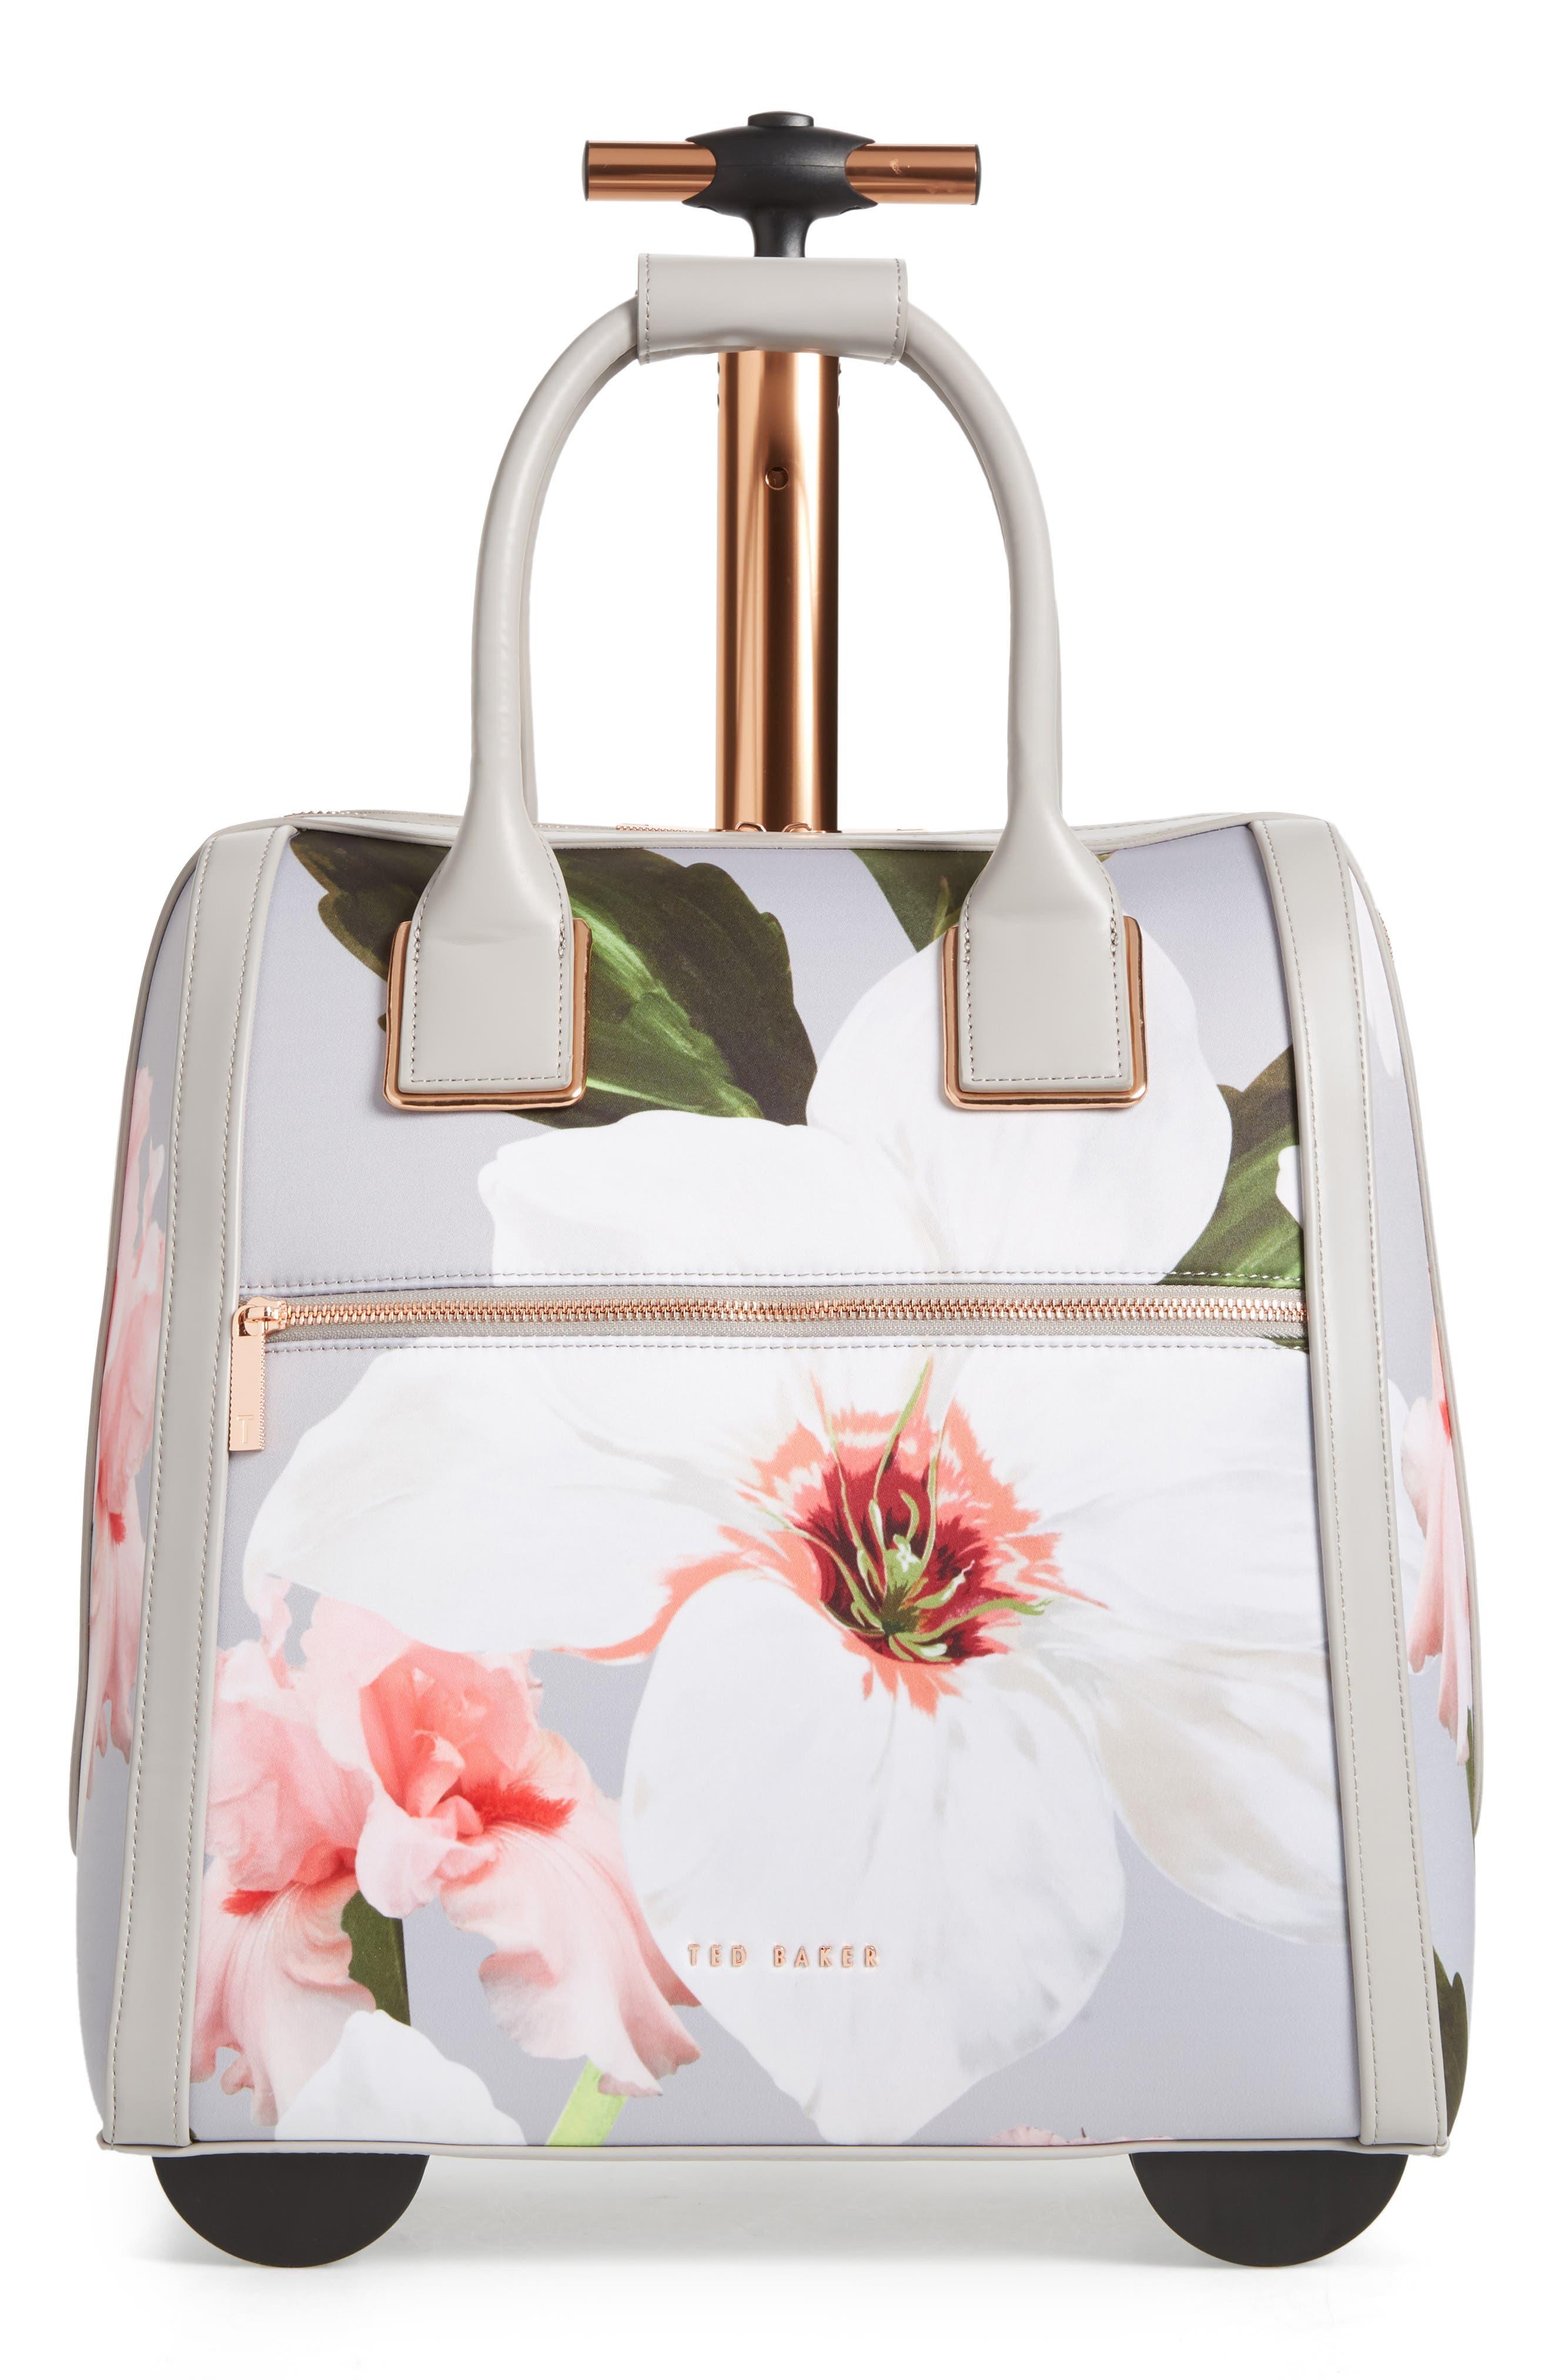 Ordina Chatsworth Bloom Travel Bag,                         Main,                         color, 020